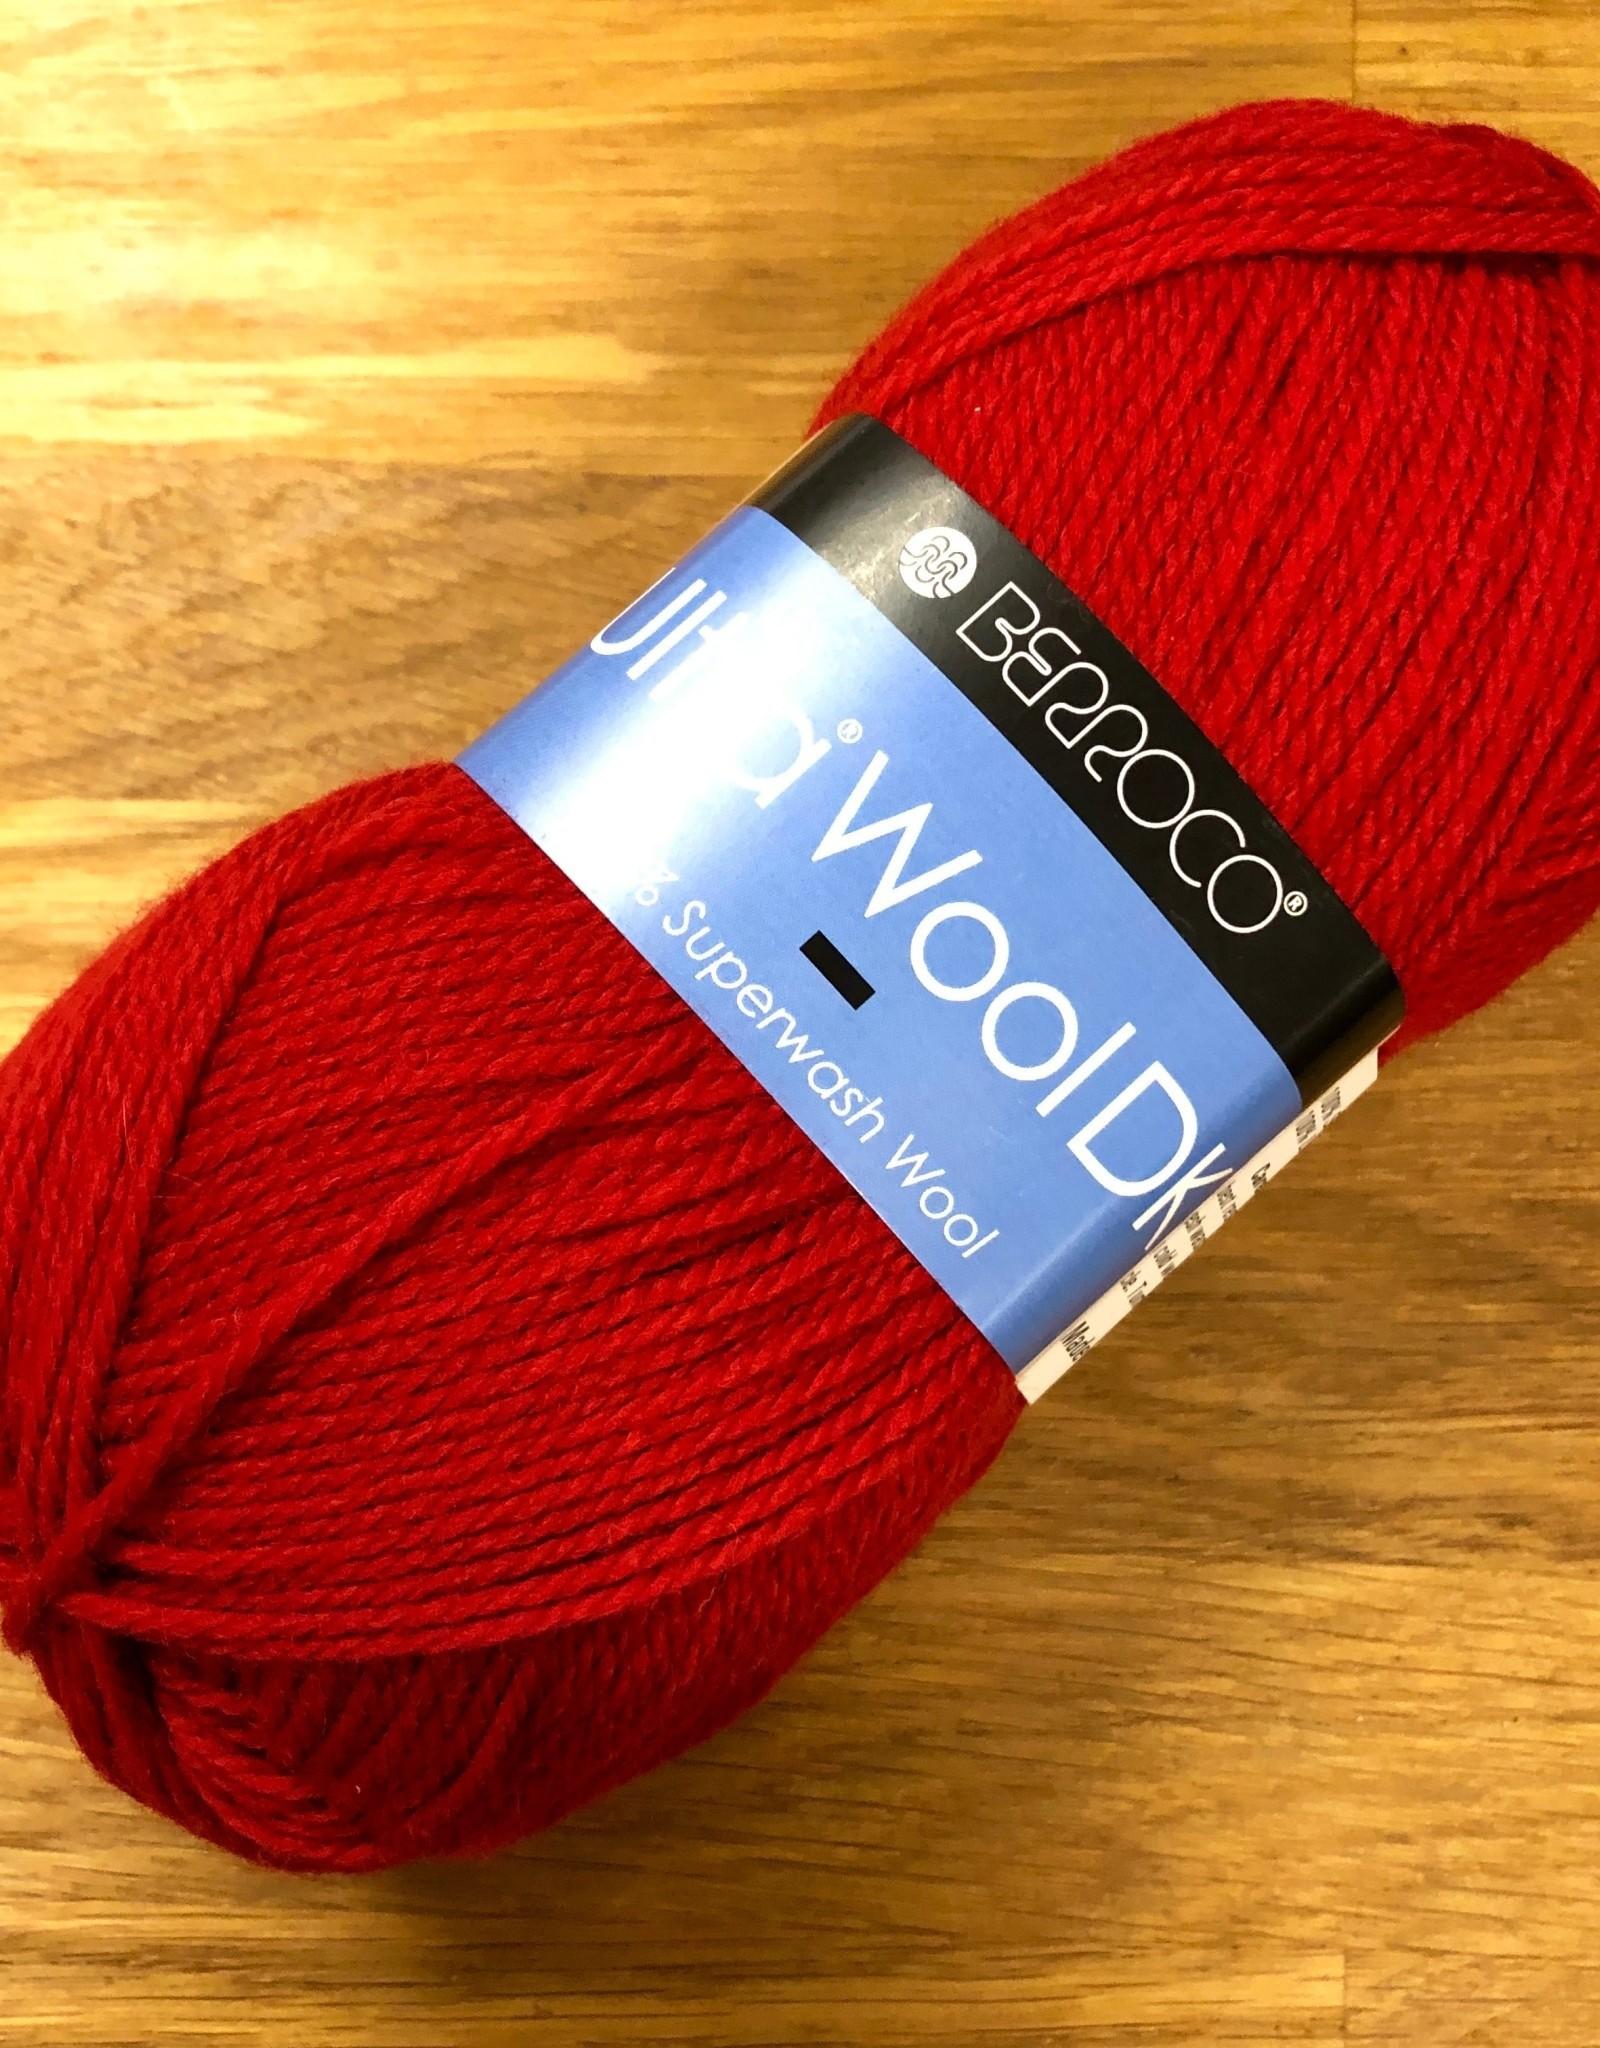 Berroco Ultra Wool DK by Berroco